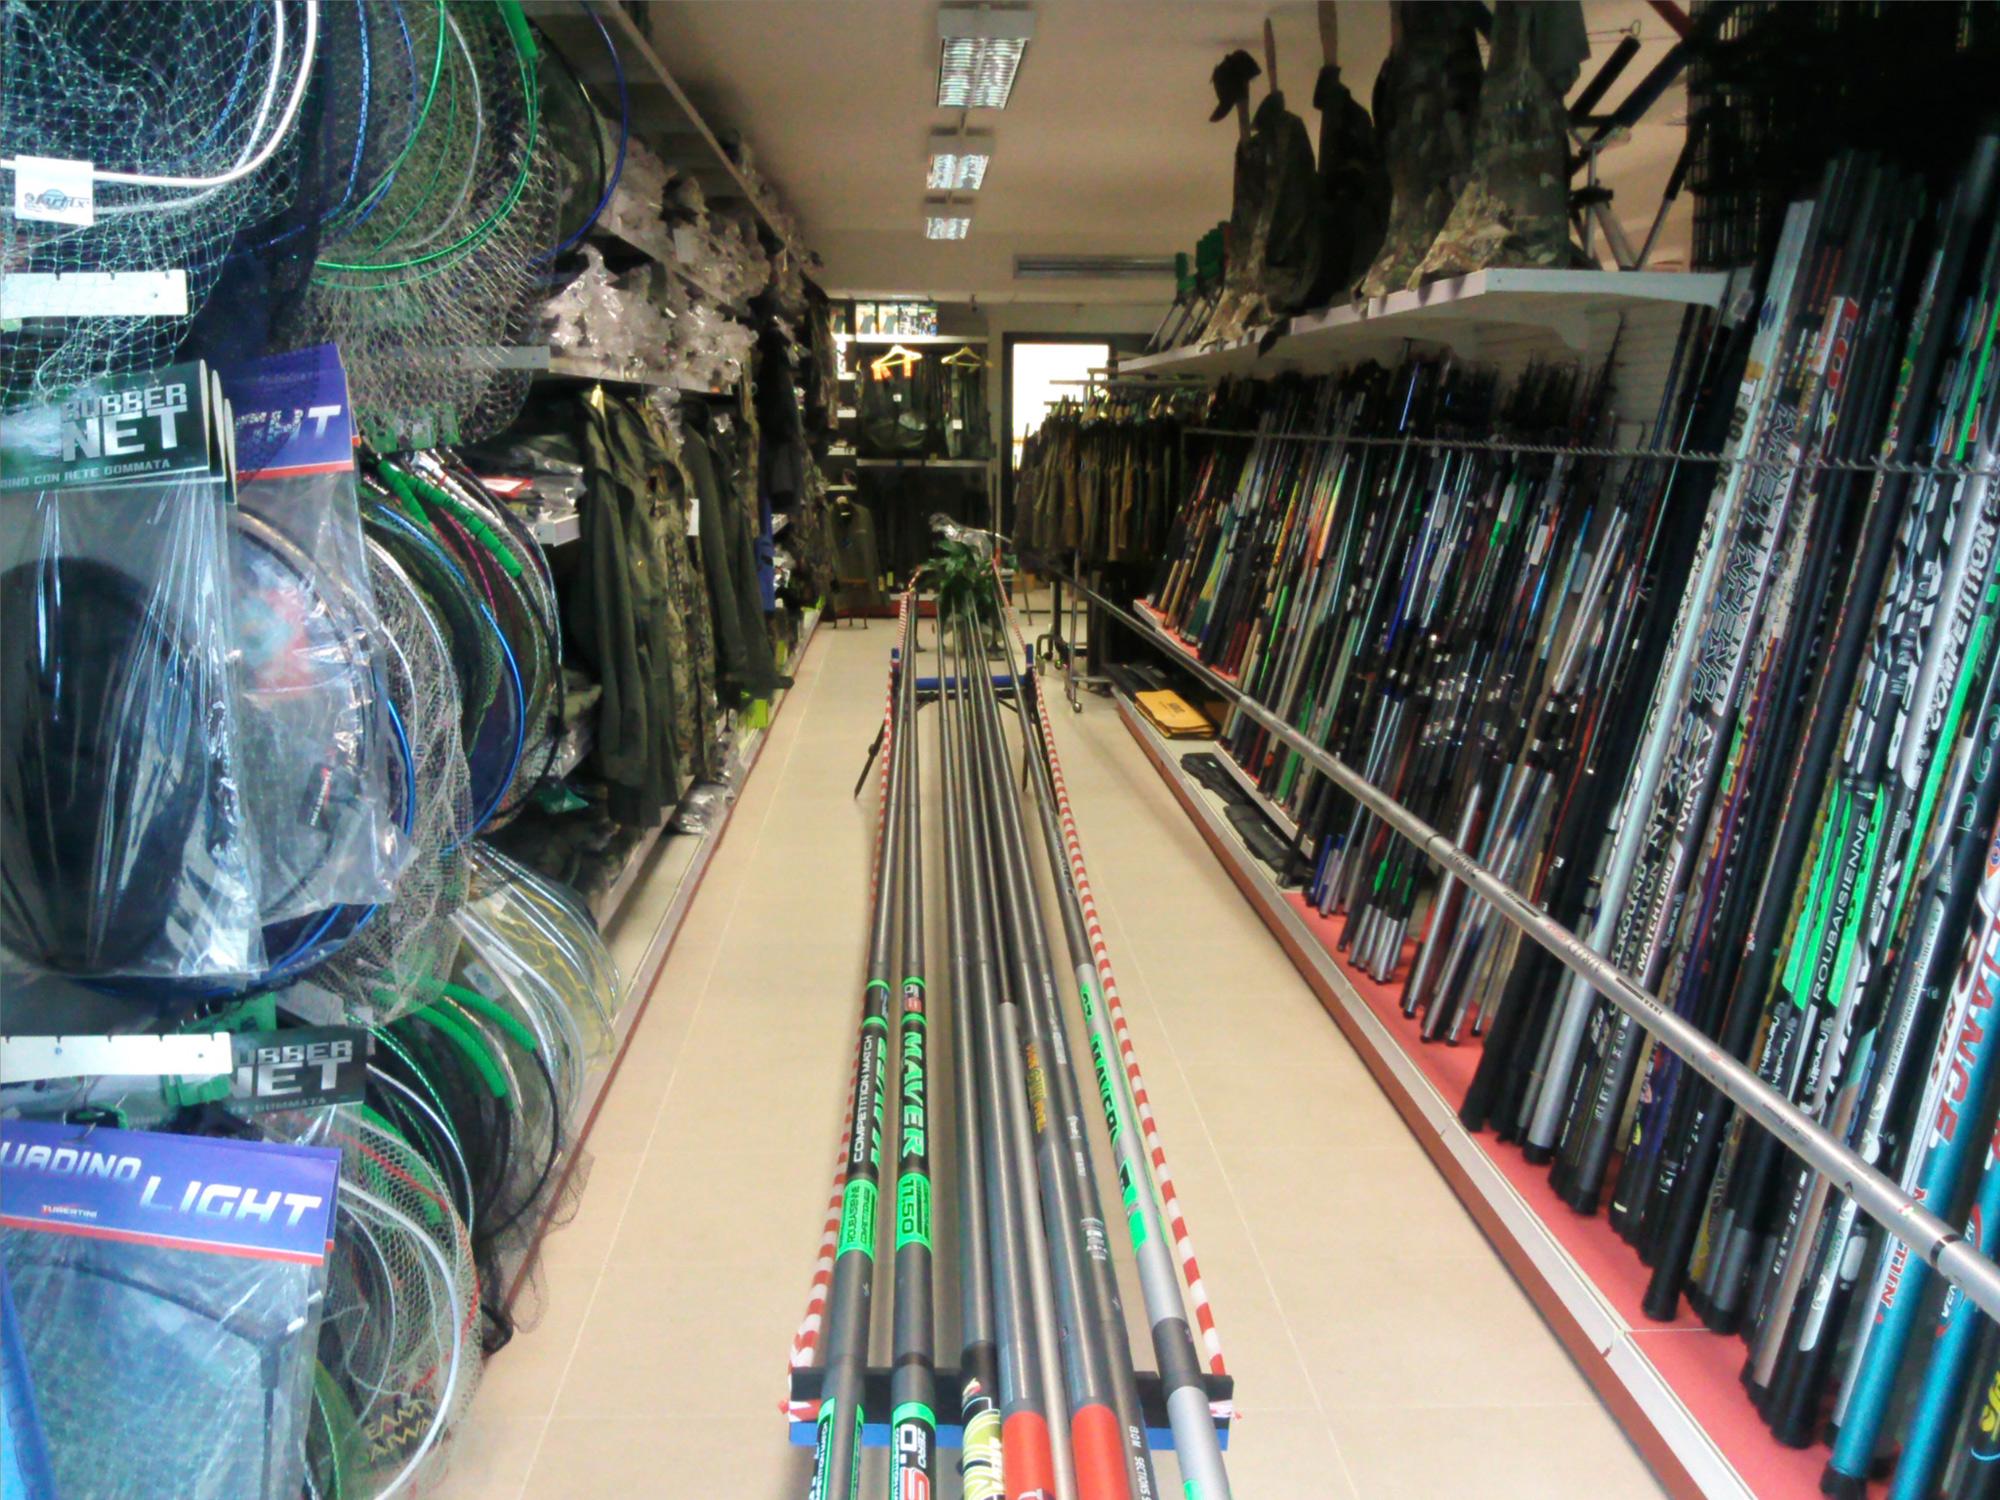 Arredamento per negozi di caccia e pesca toscana belardi for Negozi di arredamento toscana